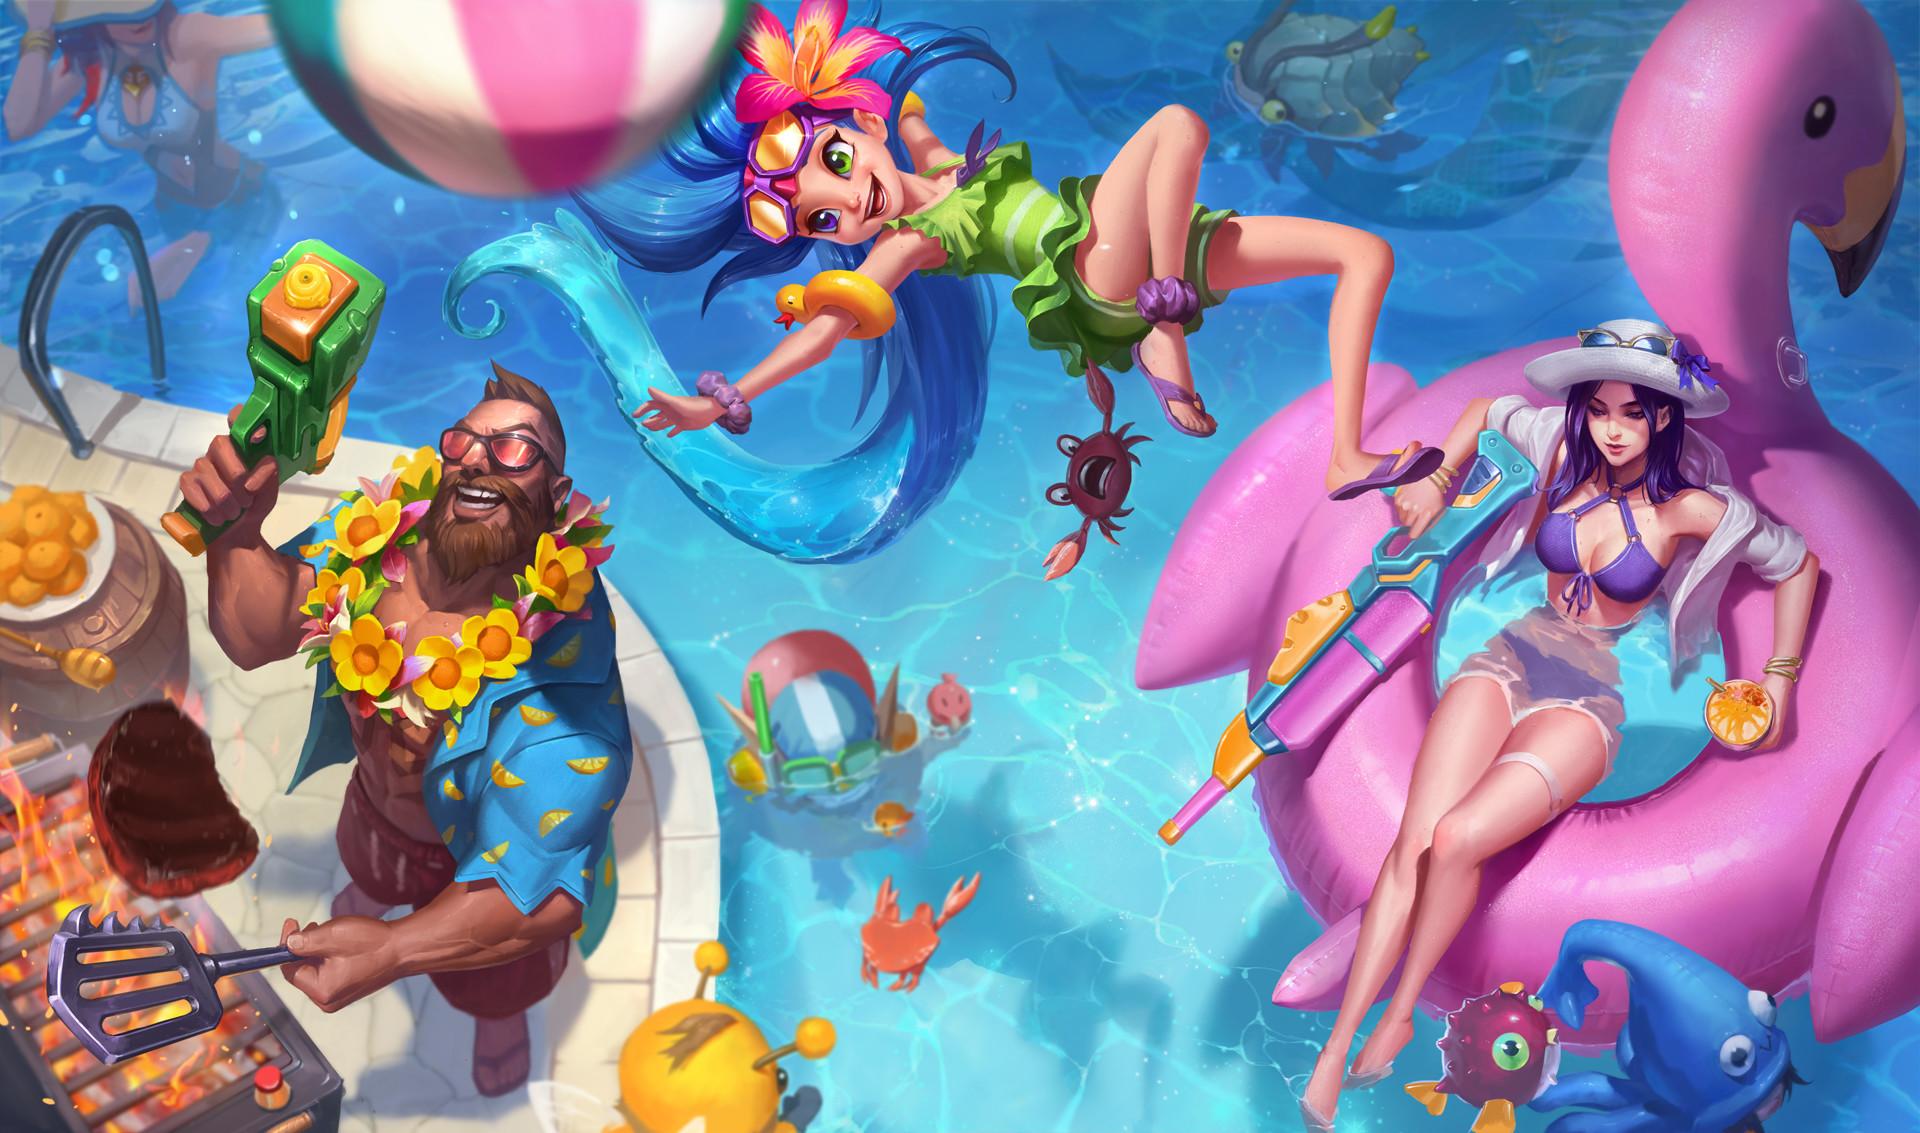 bo-chen-pool-party-splash-2018-1920pix.jpg